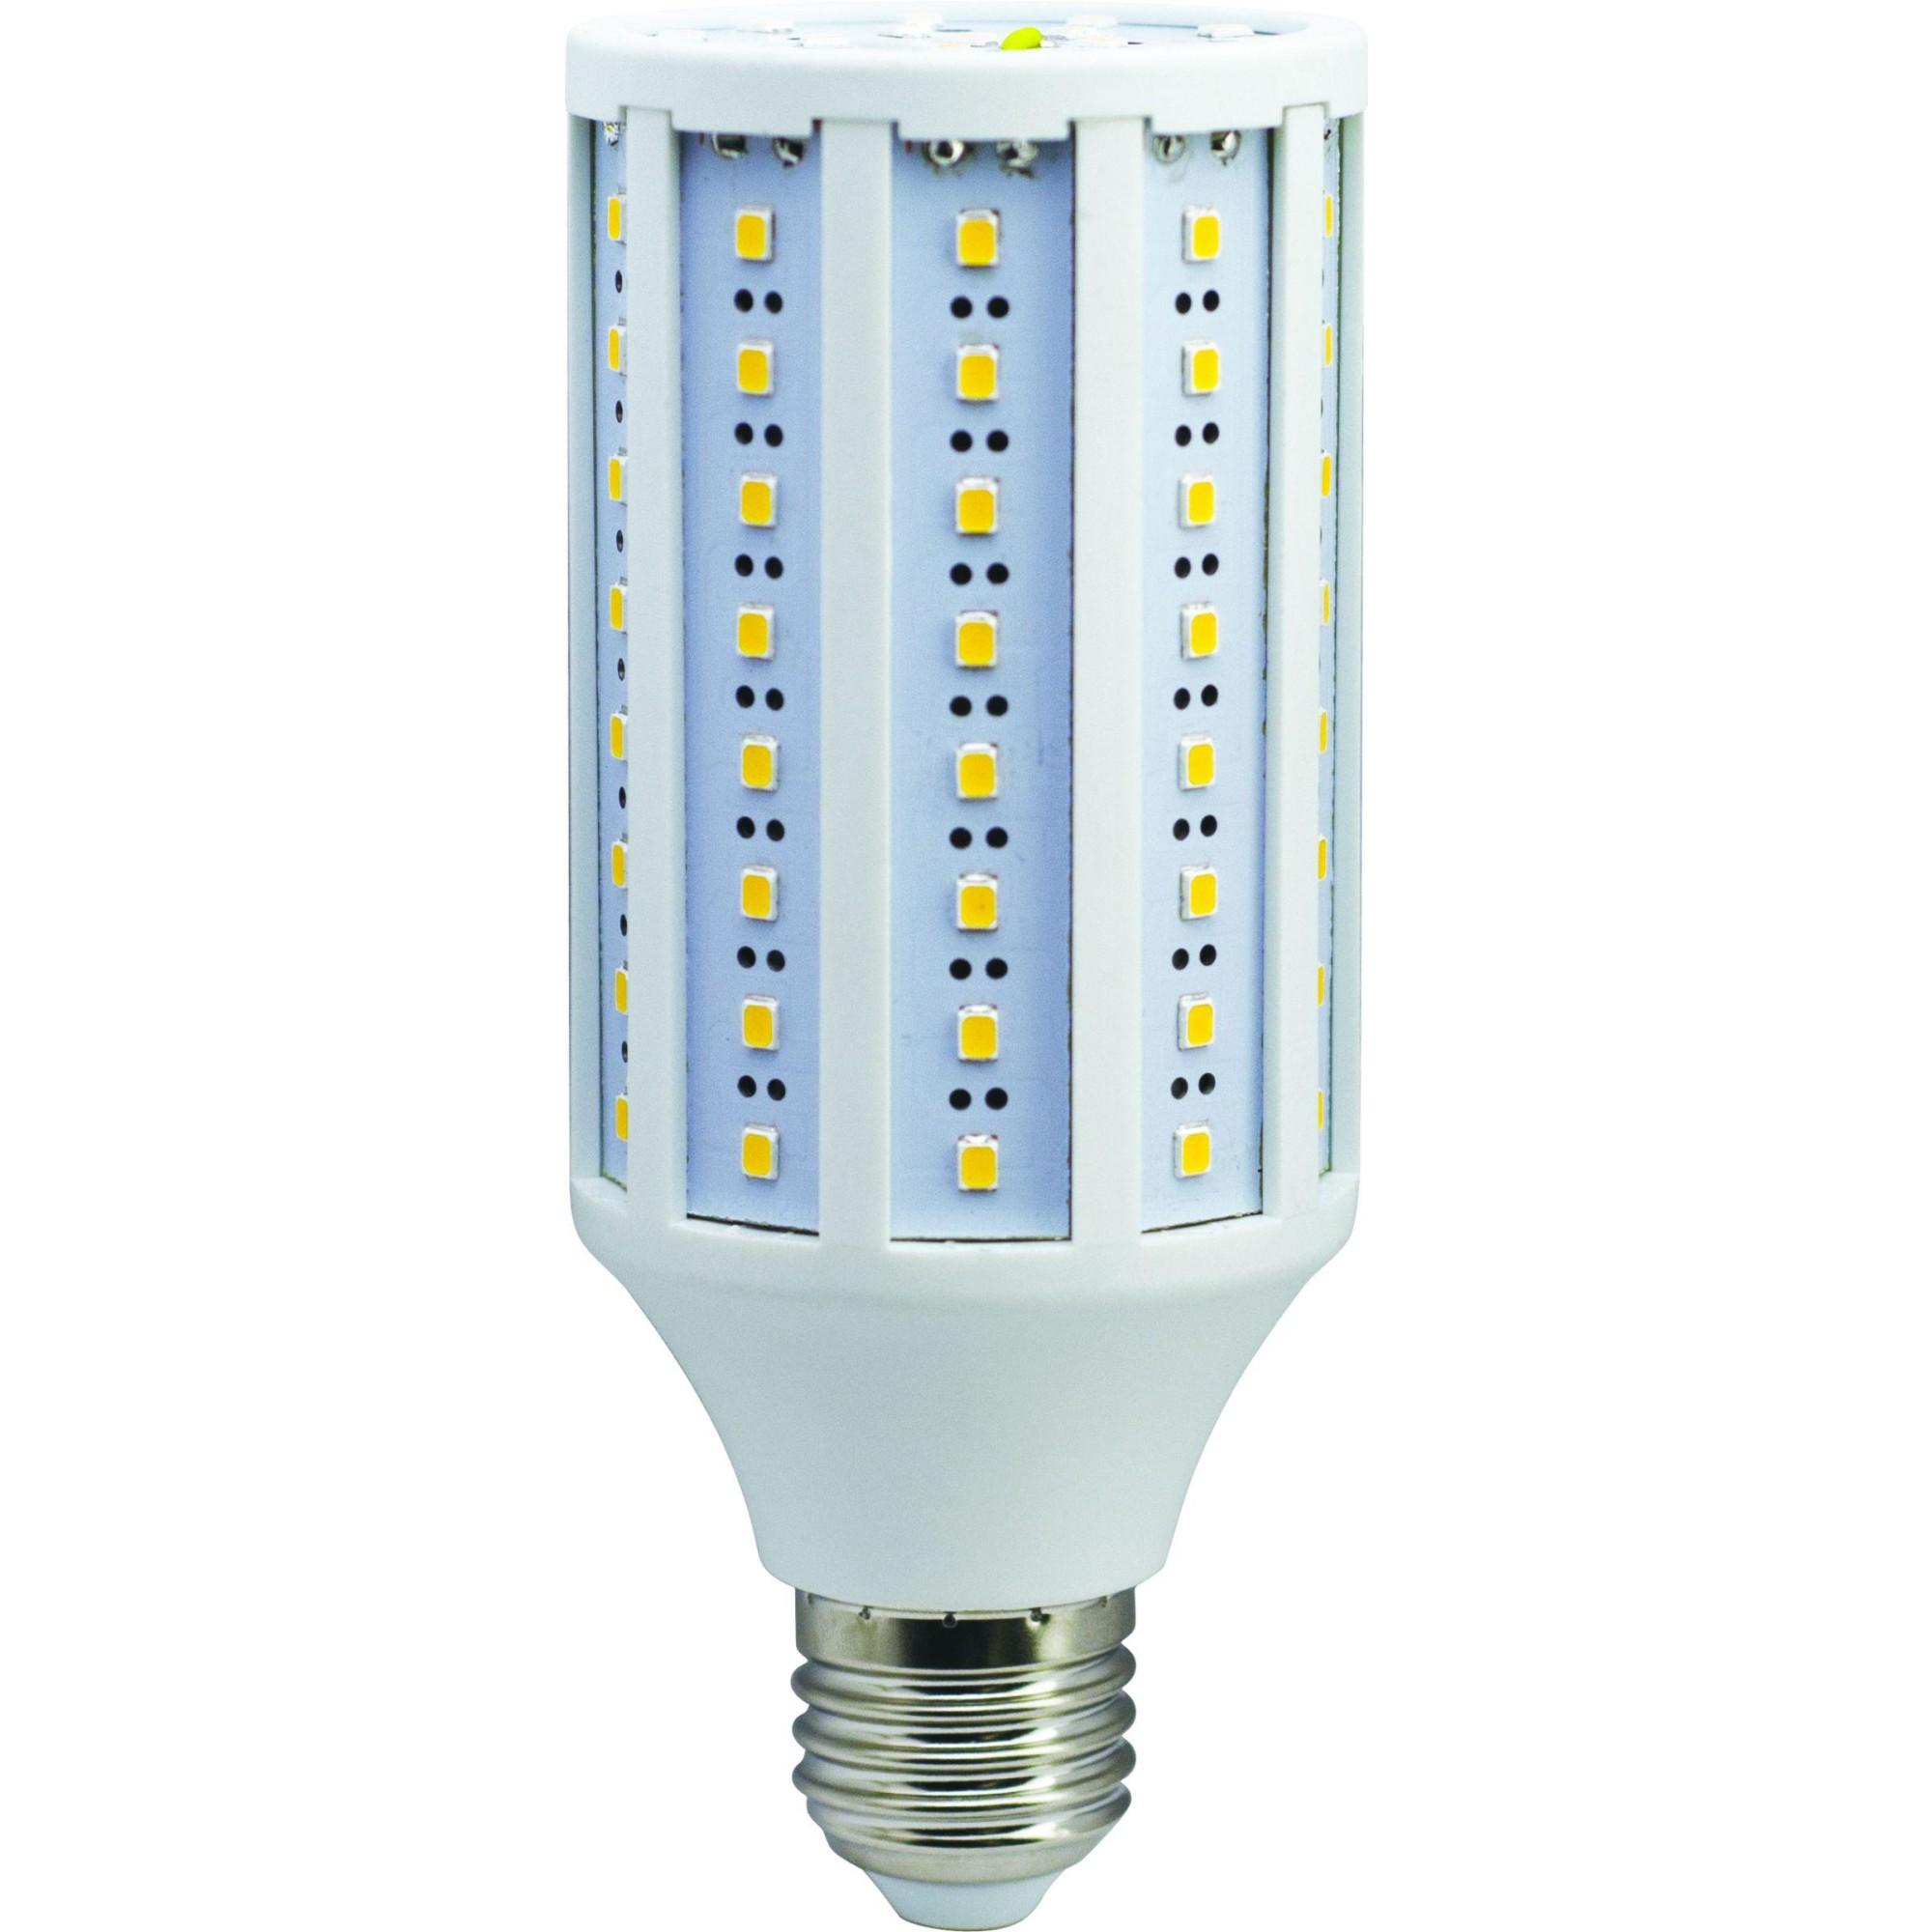 Лампа Ecola Premium светодионая E27 17 Вт кукуруза 1530 Лм теплый свет